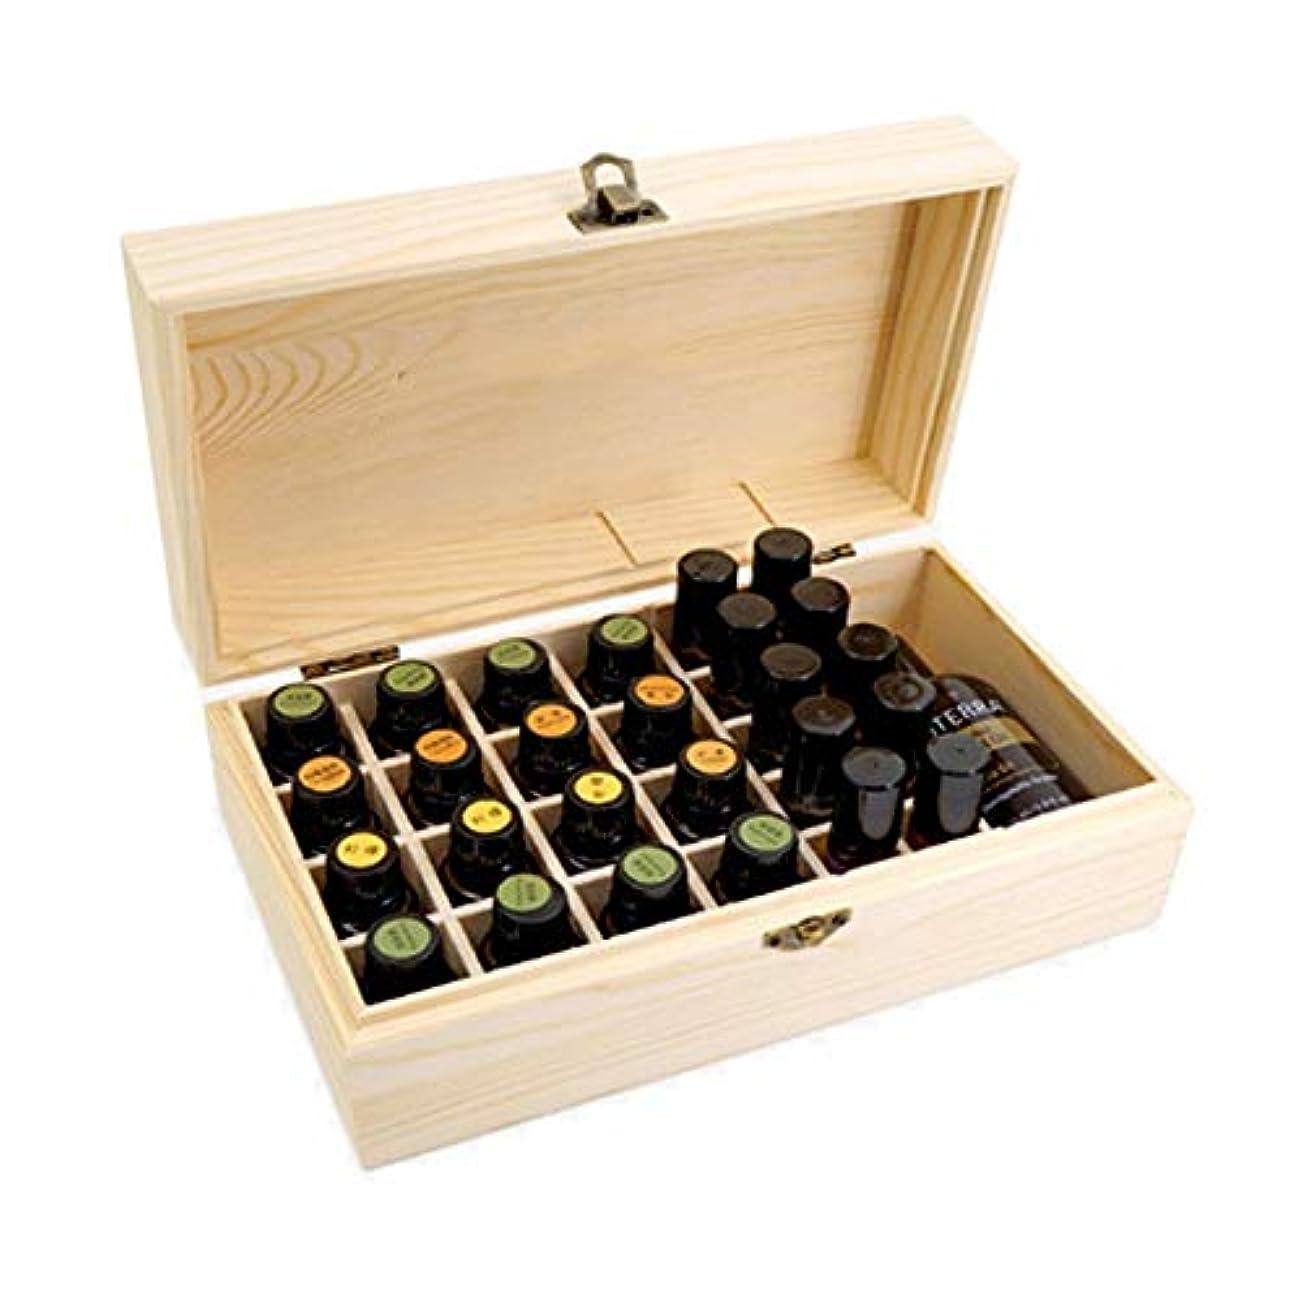 プログレッシブ気怠い教室キャリングそしてホームストレージディスプレイ用の18スロット木エッセンシャルオイルオーガナイザーストレージボックス金庫 アロマセラピー製品 (色 : Natural, サイズ : 25.5X14.8X9.9CM)